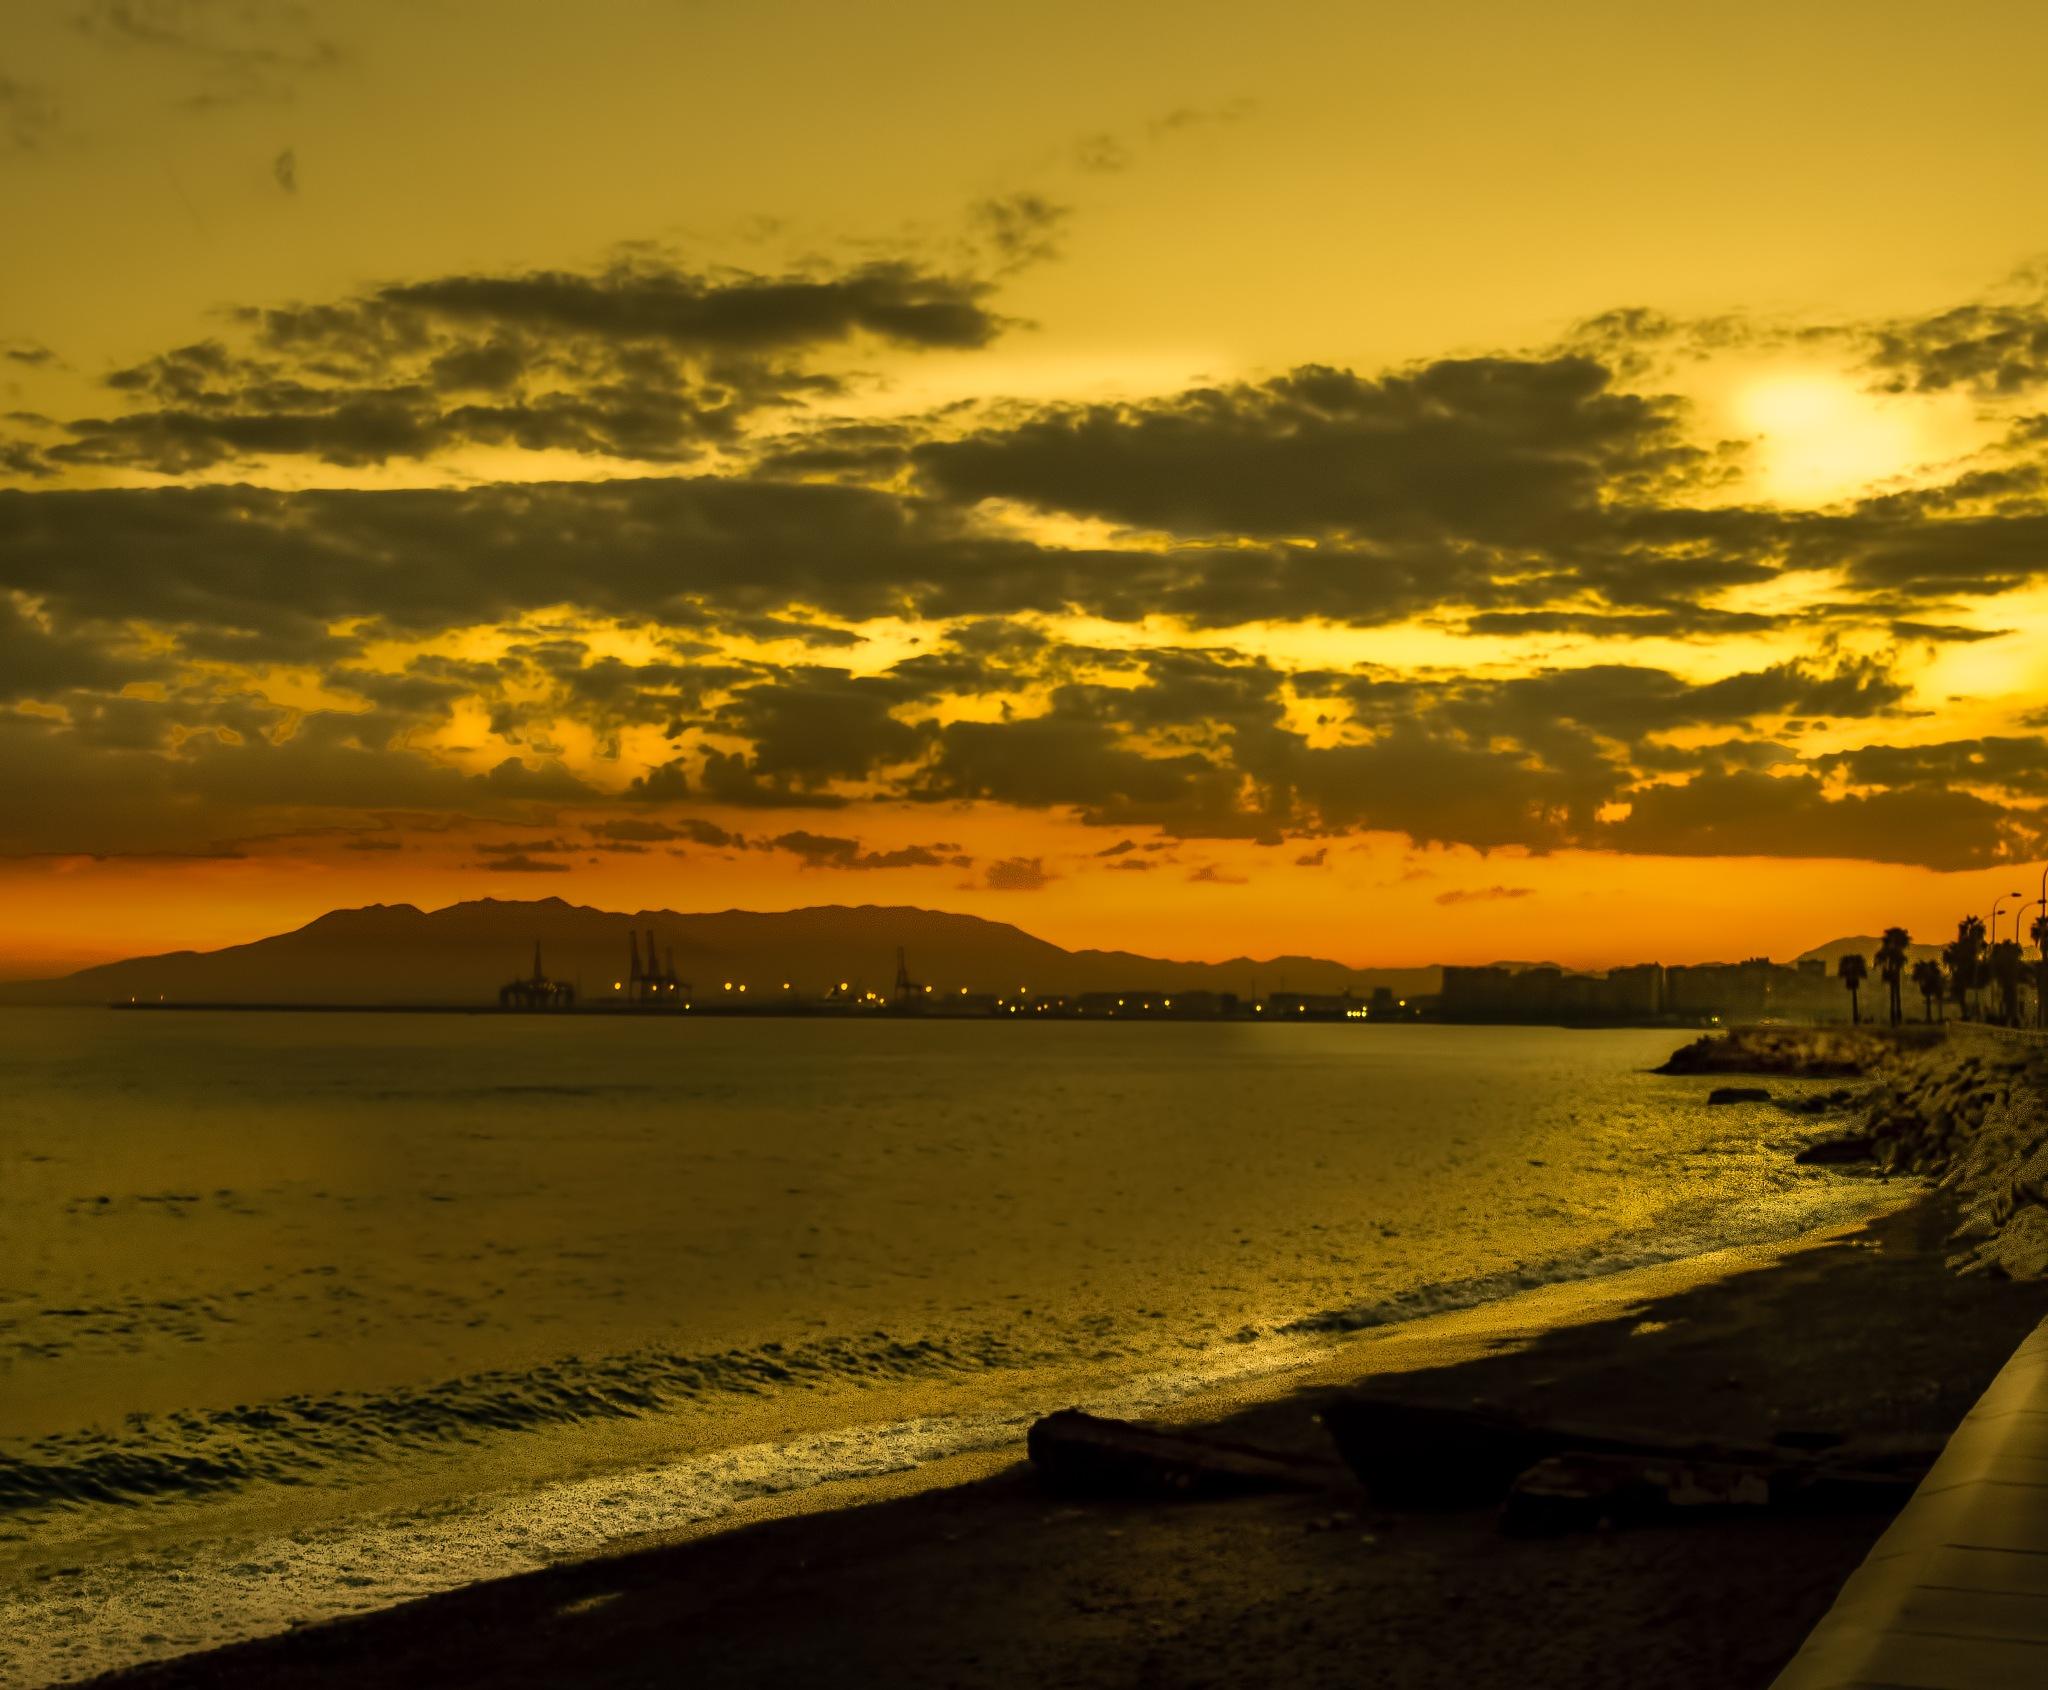 sunset malaga by Kurt Land